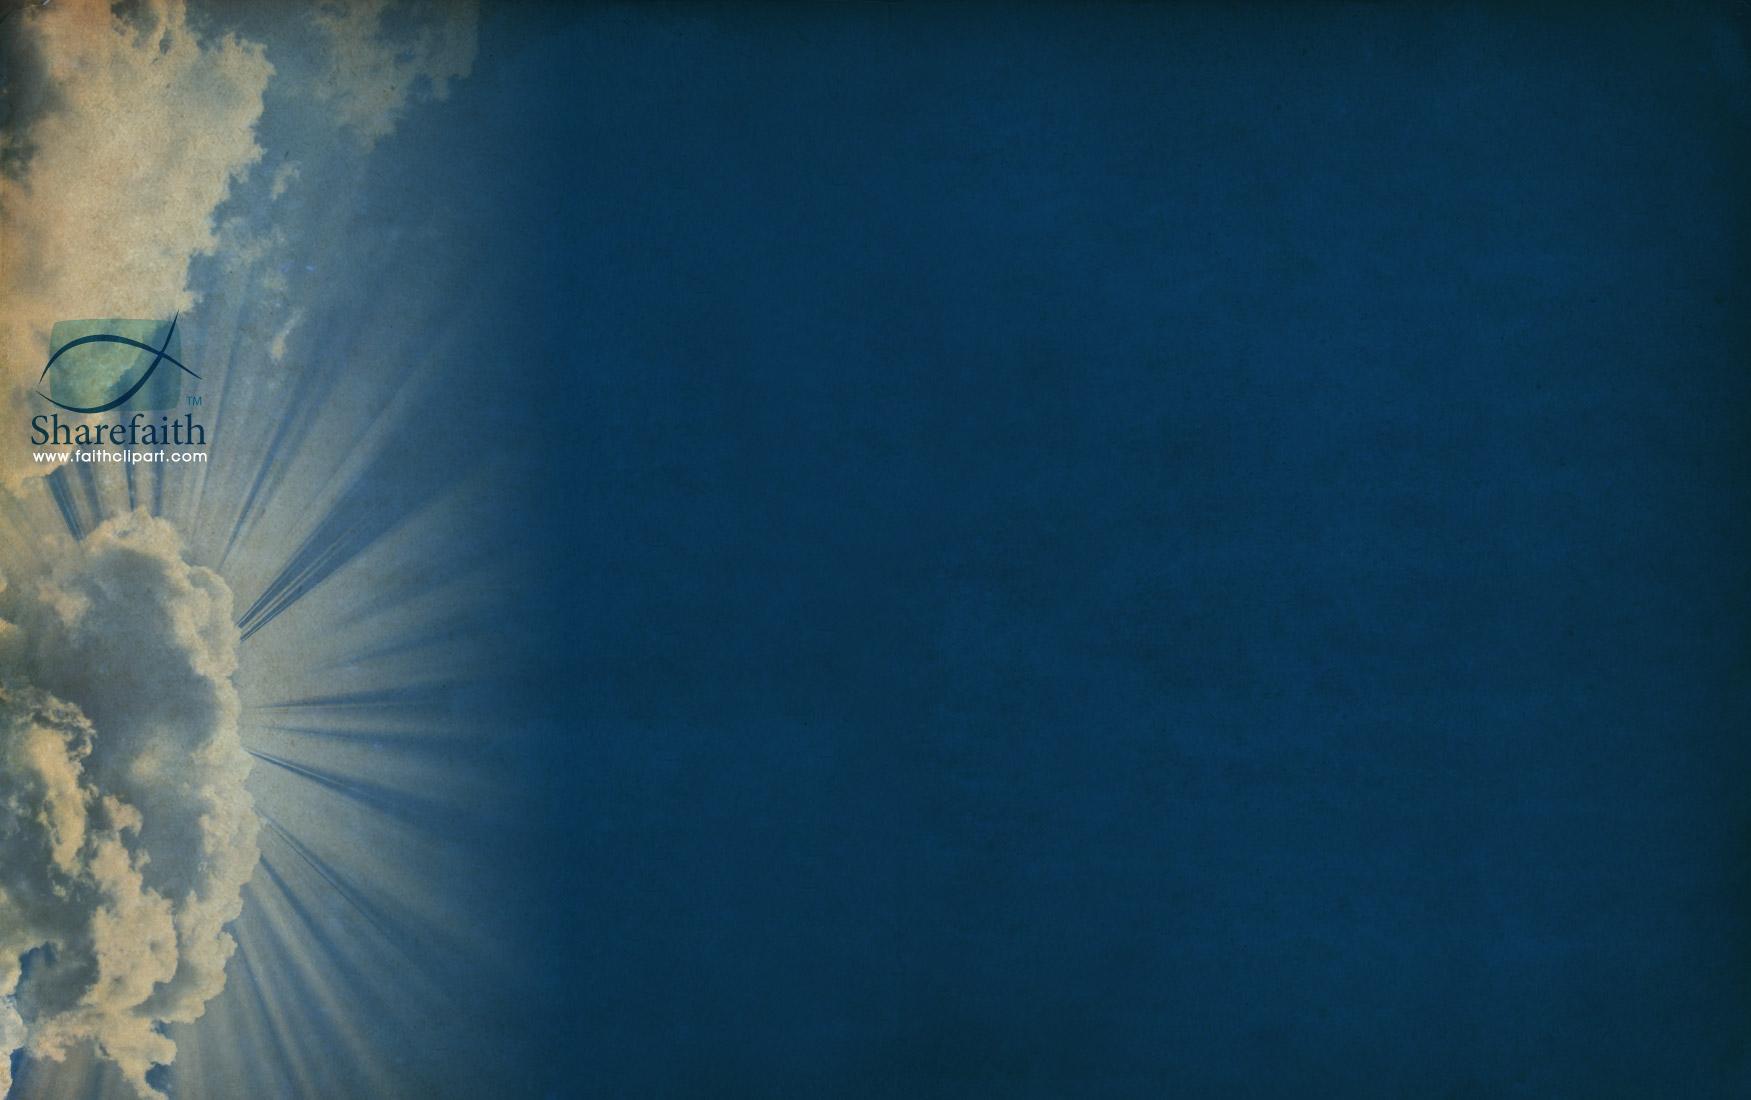 Free Christian Worship Backgrounds free image